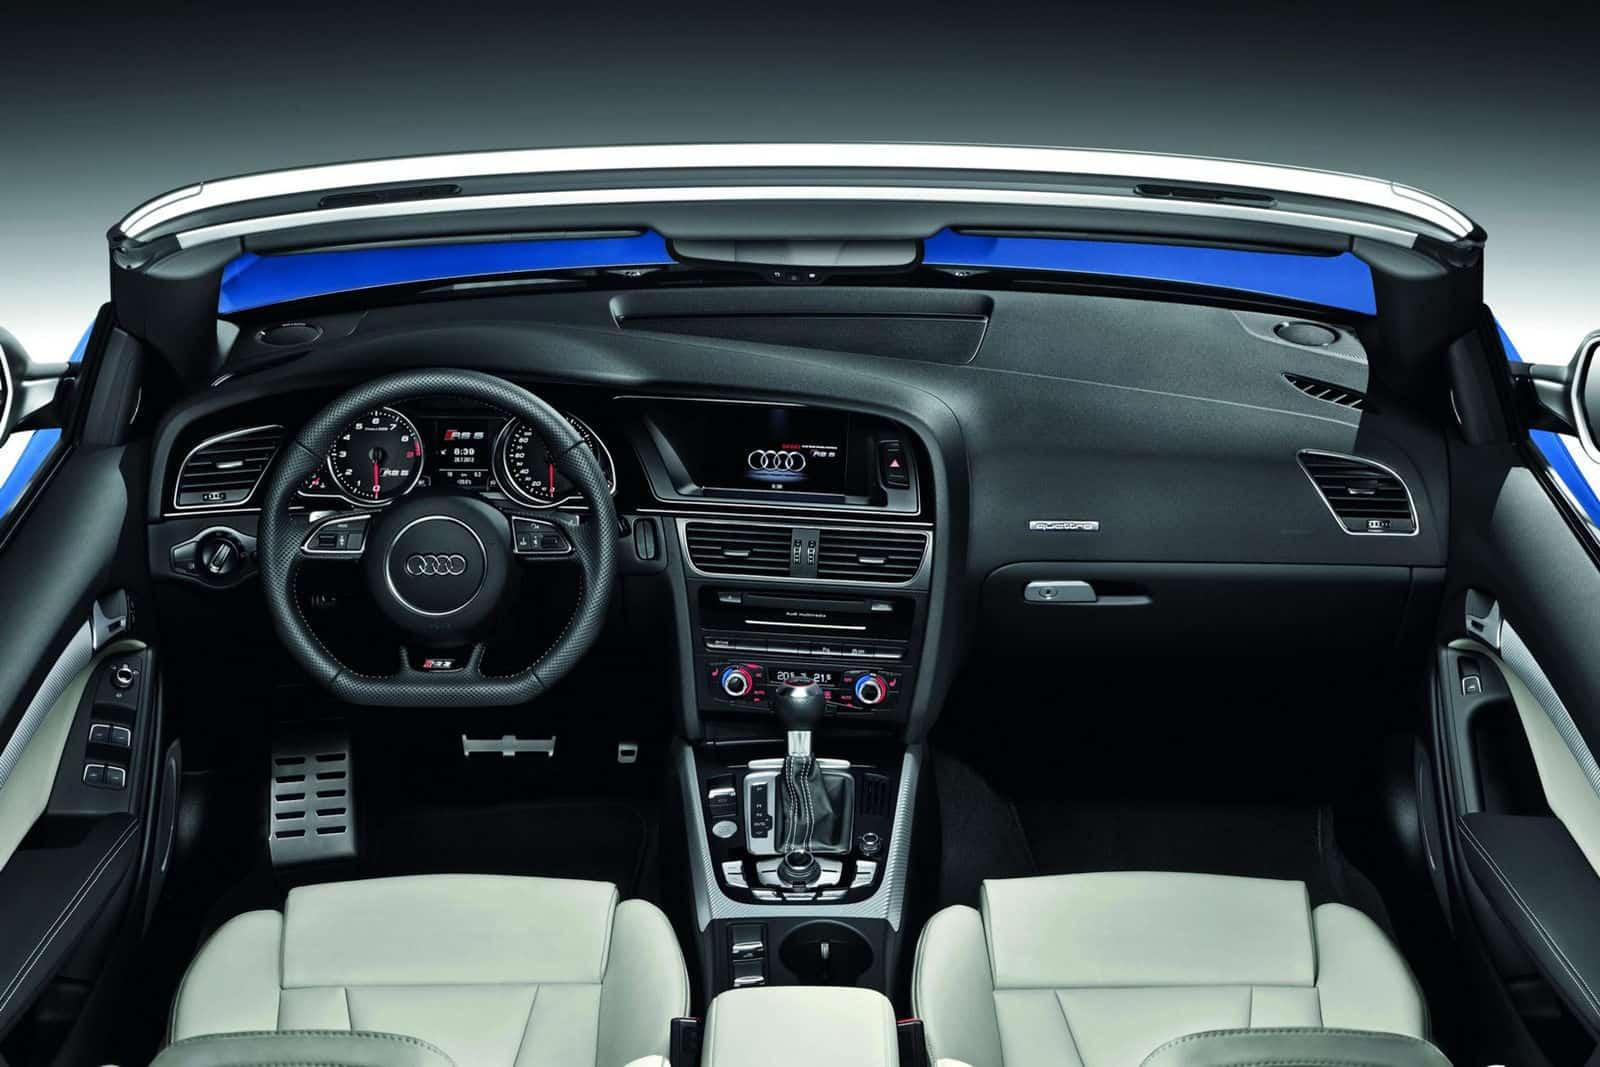 2013 Audi RS5 Cabriolet interior